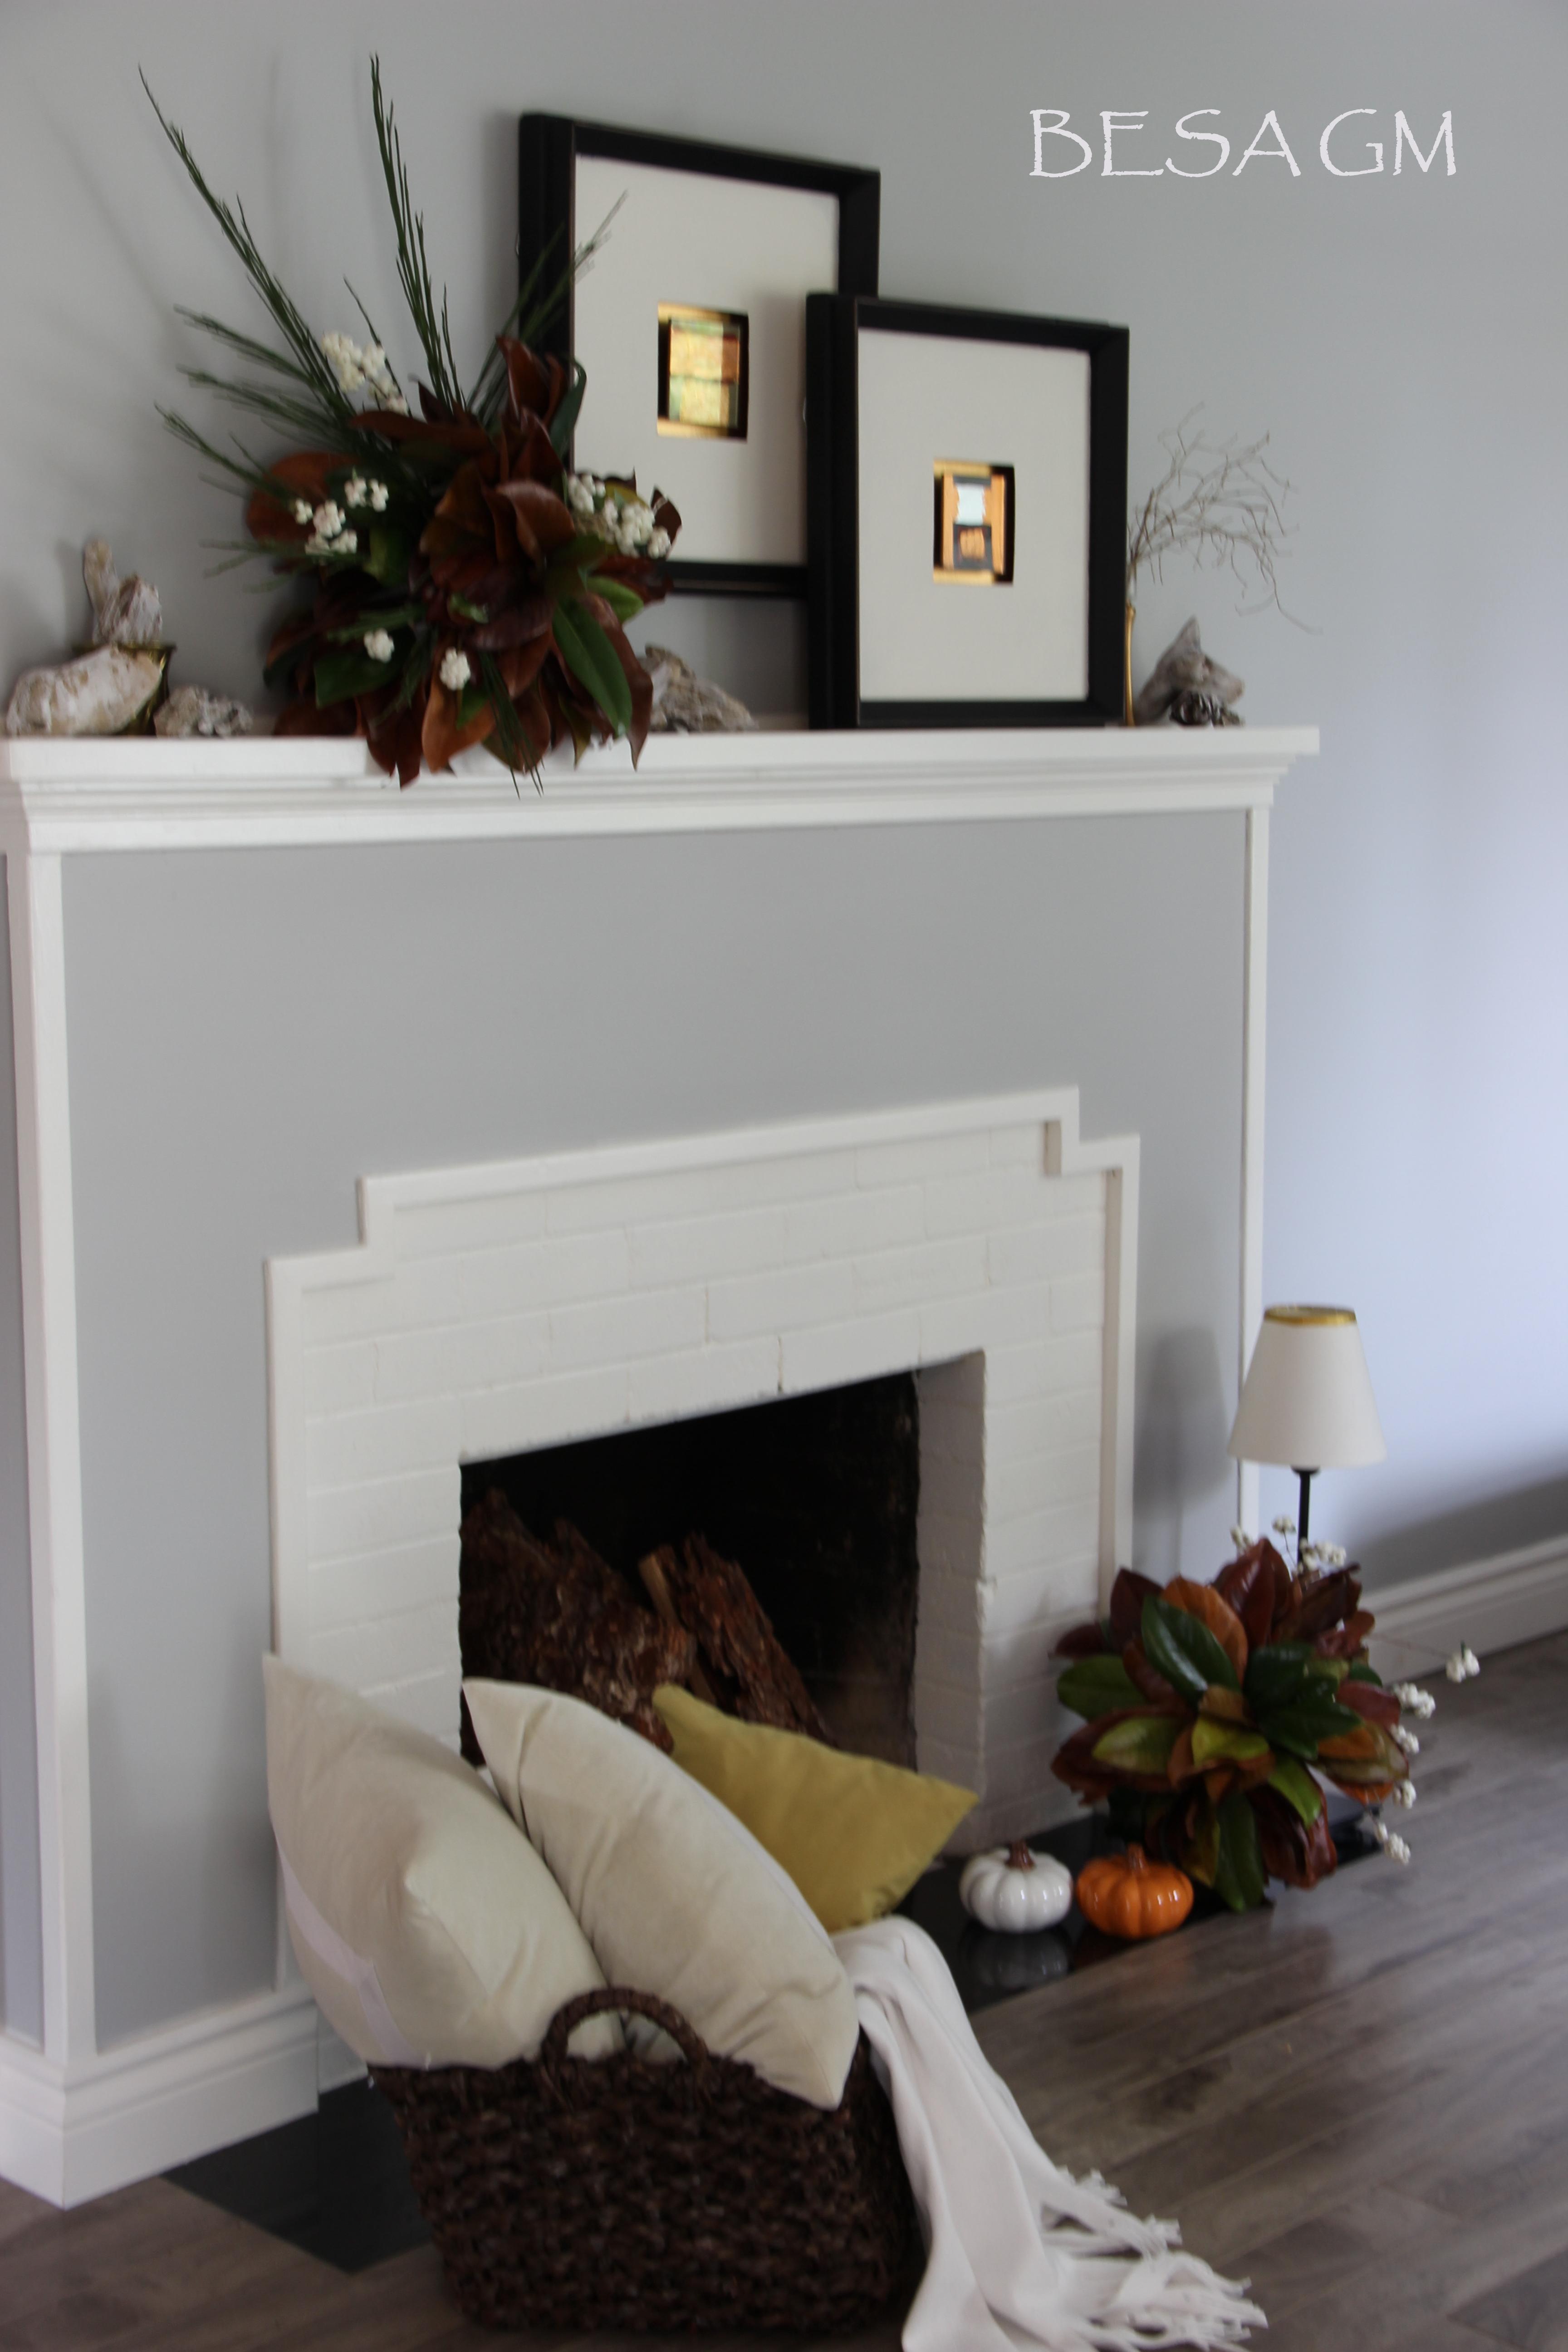 Magnolia Leaf Arrangement For My Fall Mantel Decor | BESA GM